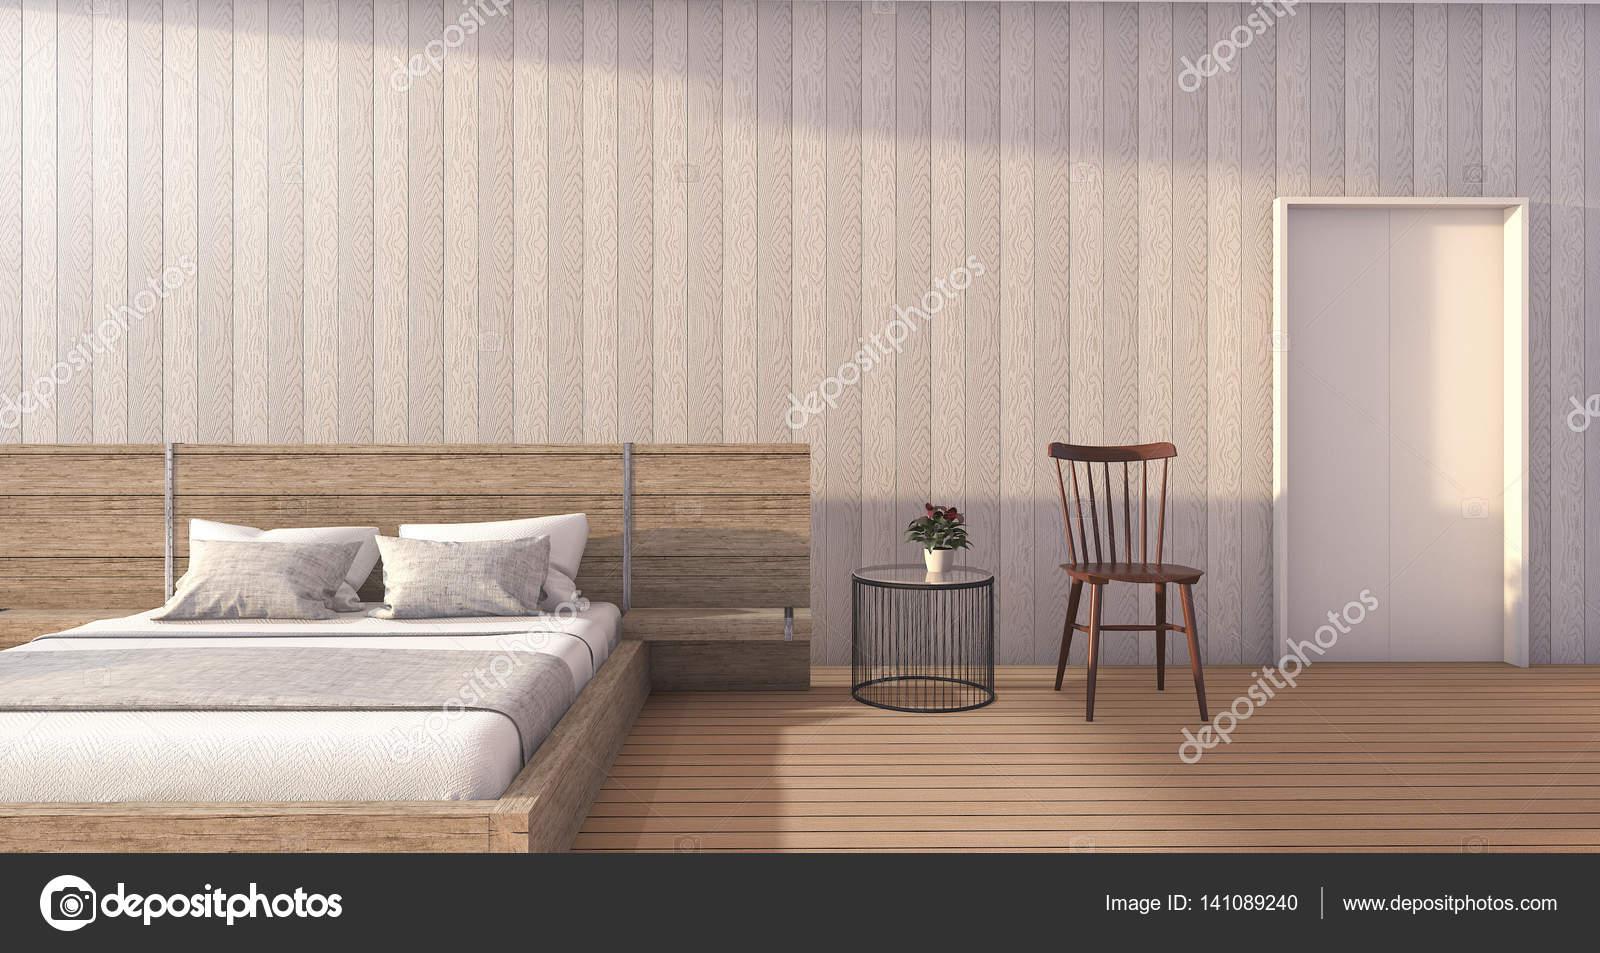 Camera Da Letto Romantica Bianca : D che rende camera da letto di legno bianca minima con luce del